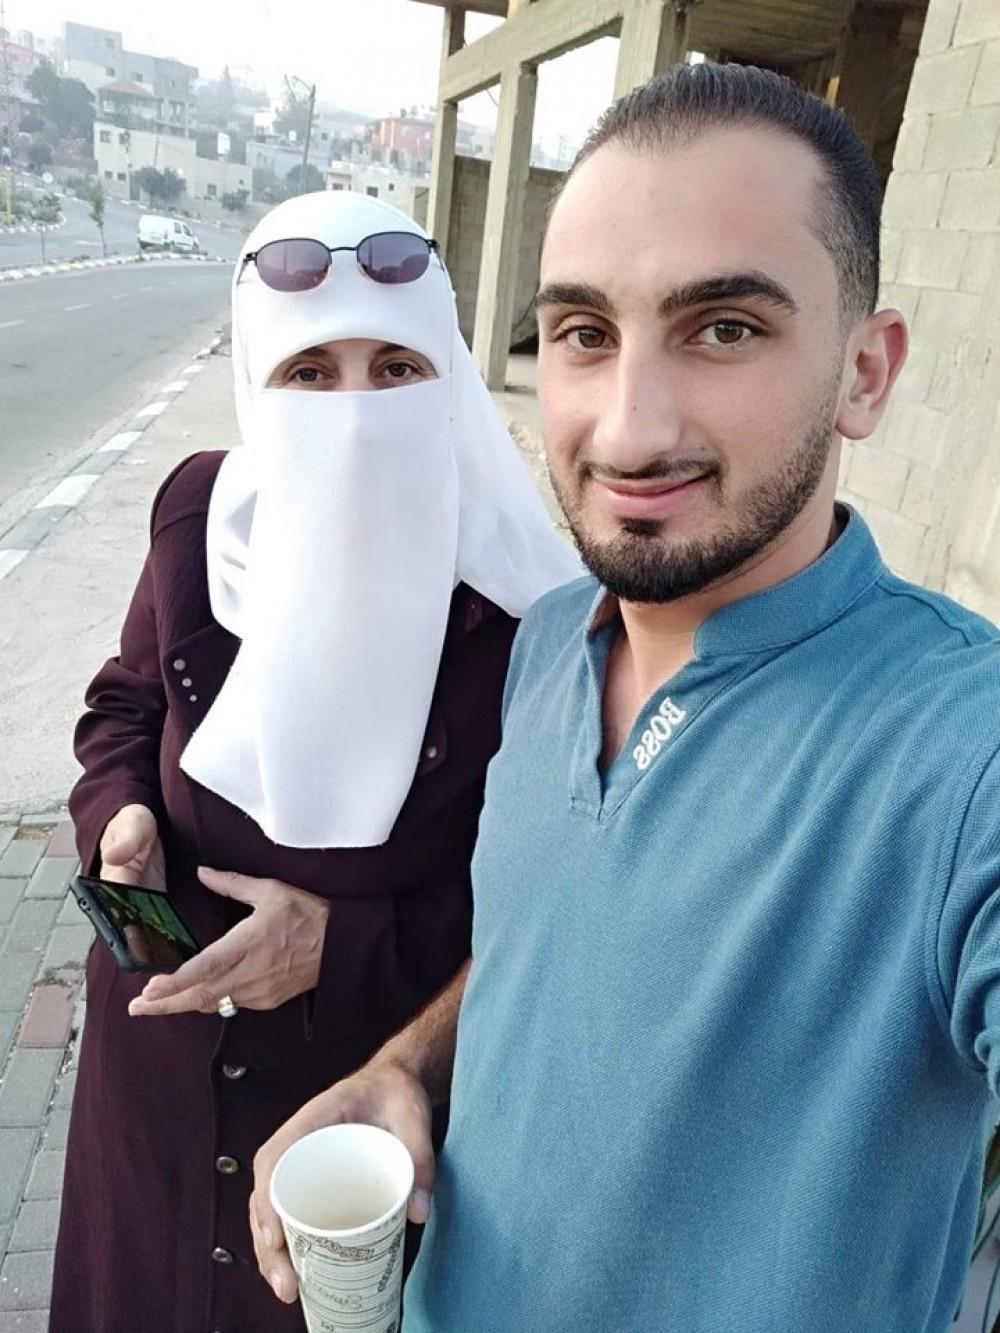 أم نضال فتاش مع ابنها المعتقل إدارياً من قبل أجهزة السلطة في رام الله